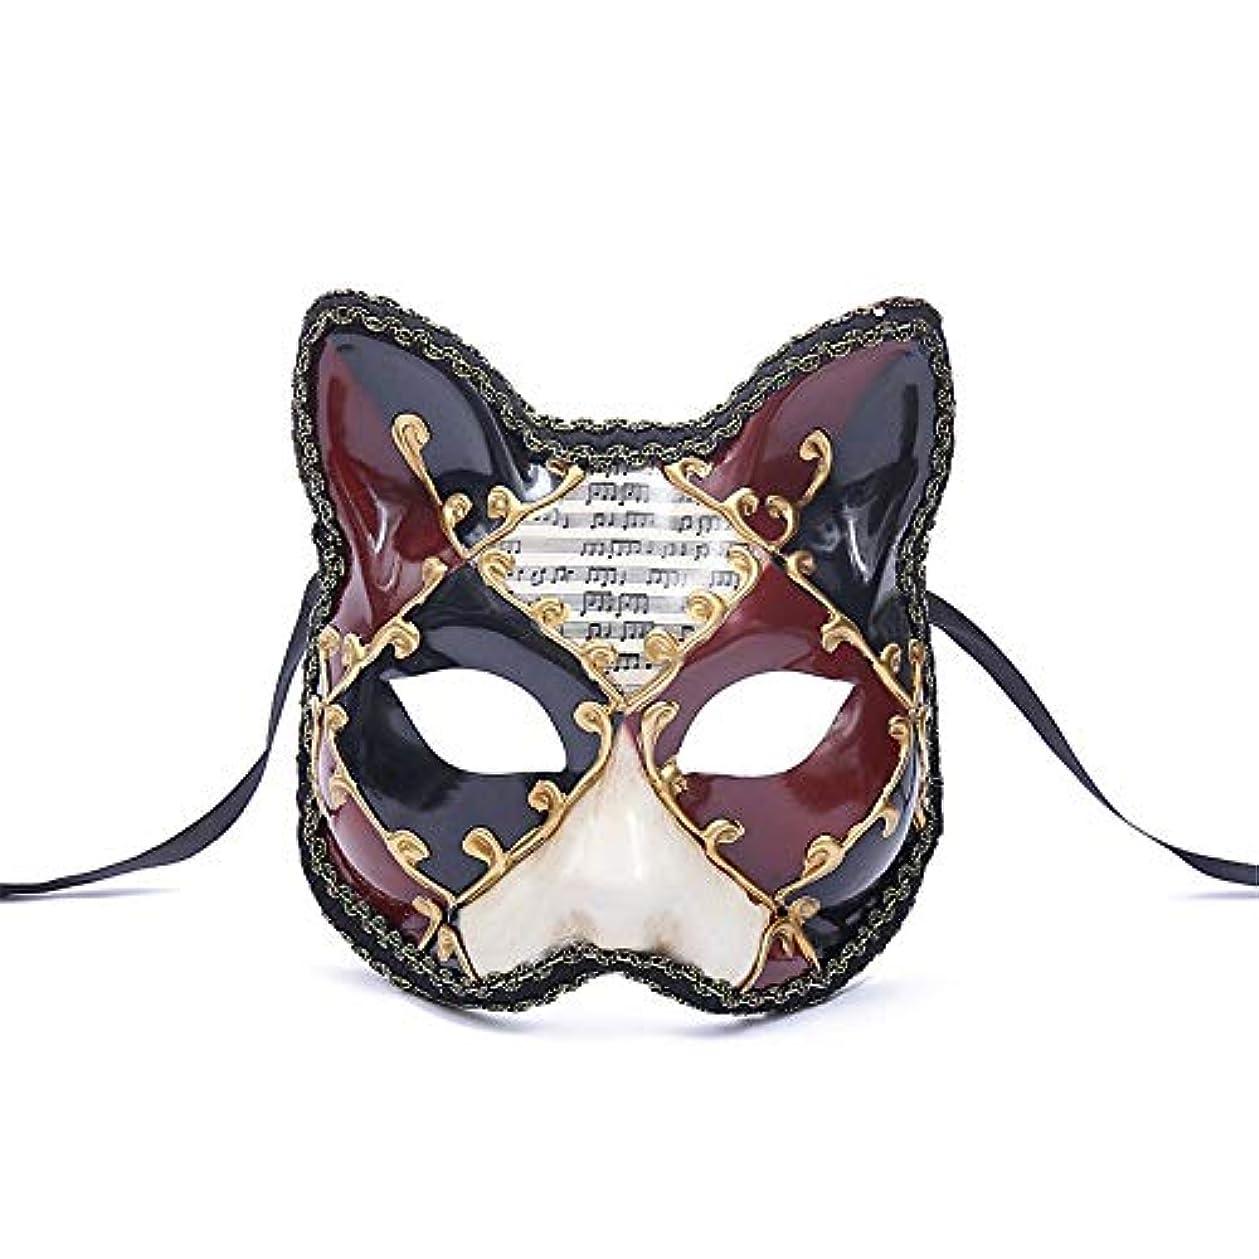 パス商人着飾るダンスマスク 大きな猫アンティーク動物レトロコスプレハロウィーン仮装マスクナイトクラブマスク雰囲気フェスティバルマスク パーティーボールマスク (色 : 赤, サイズ : 17.5x16cm)